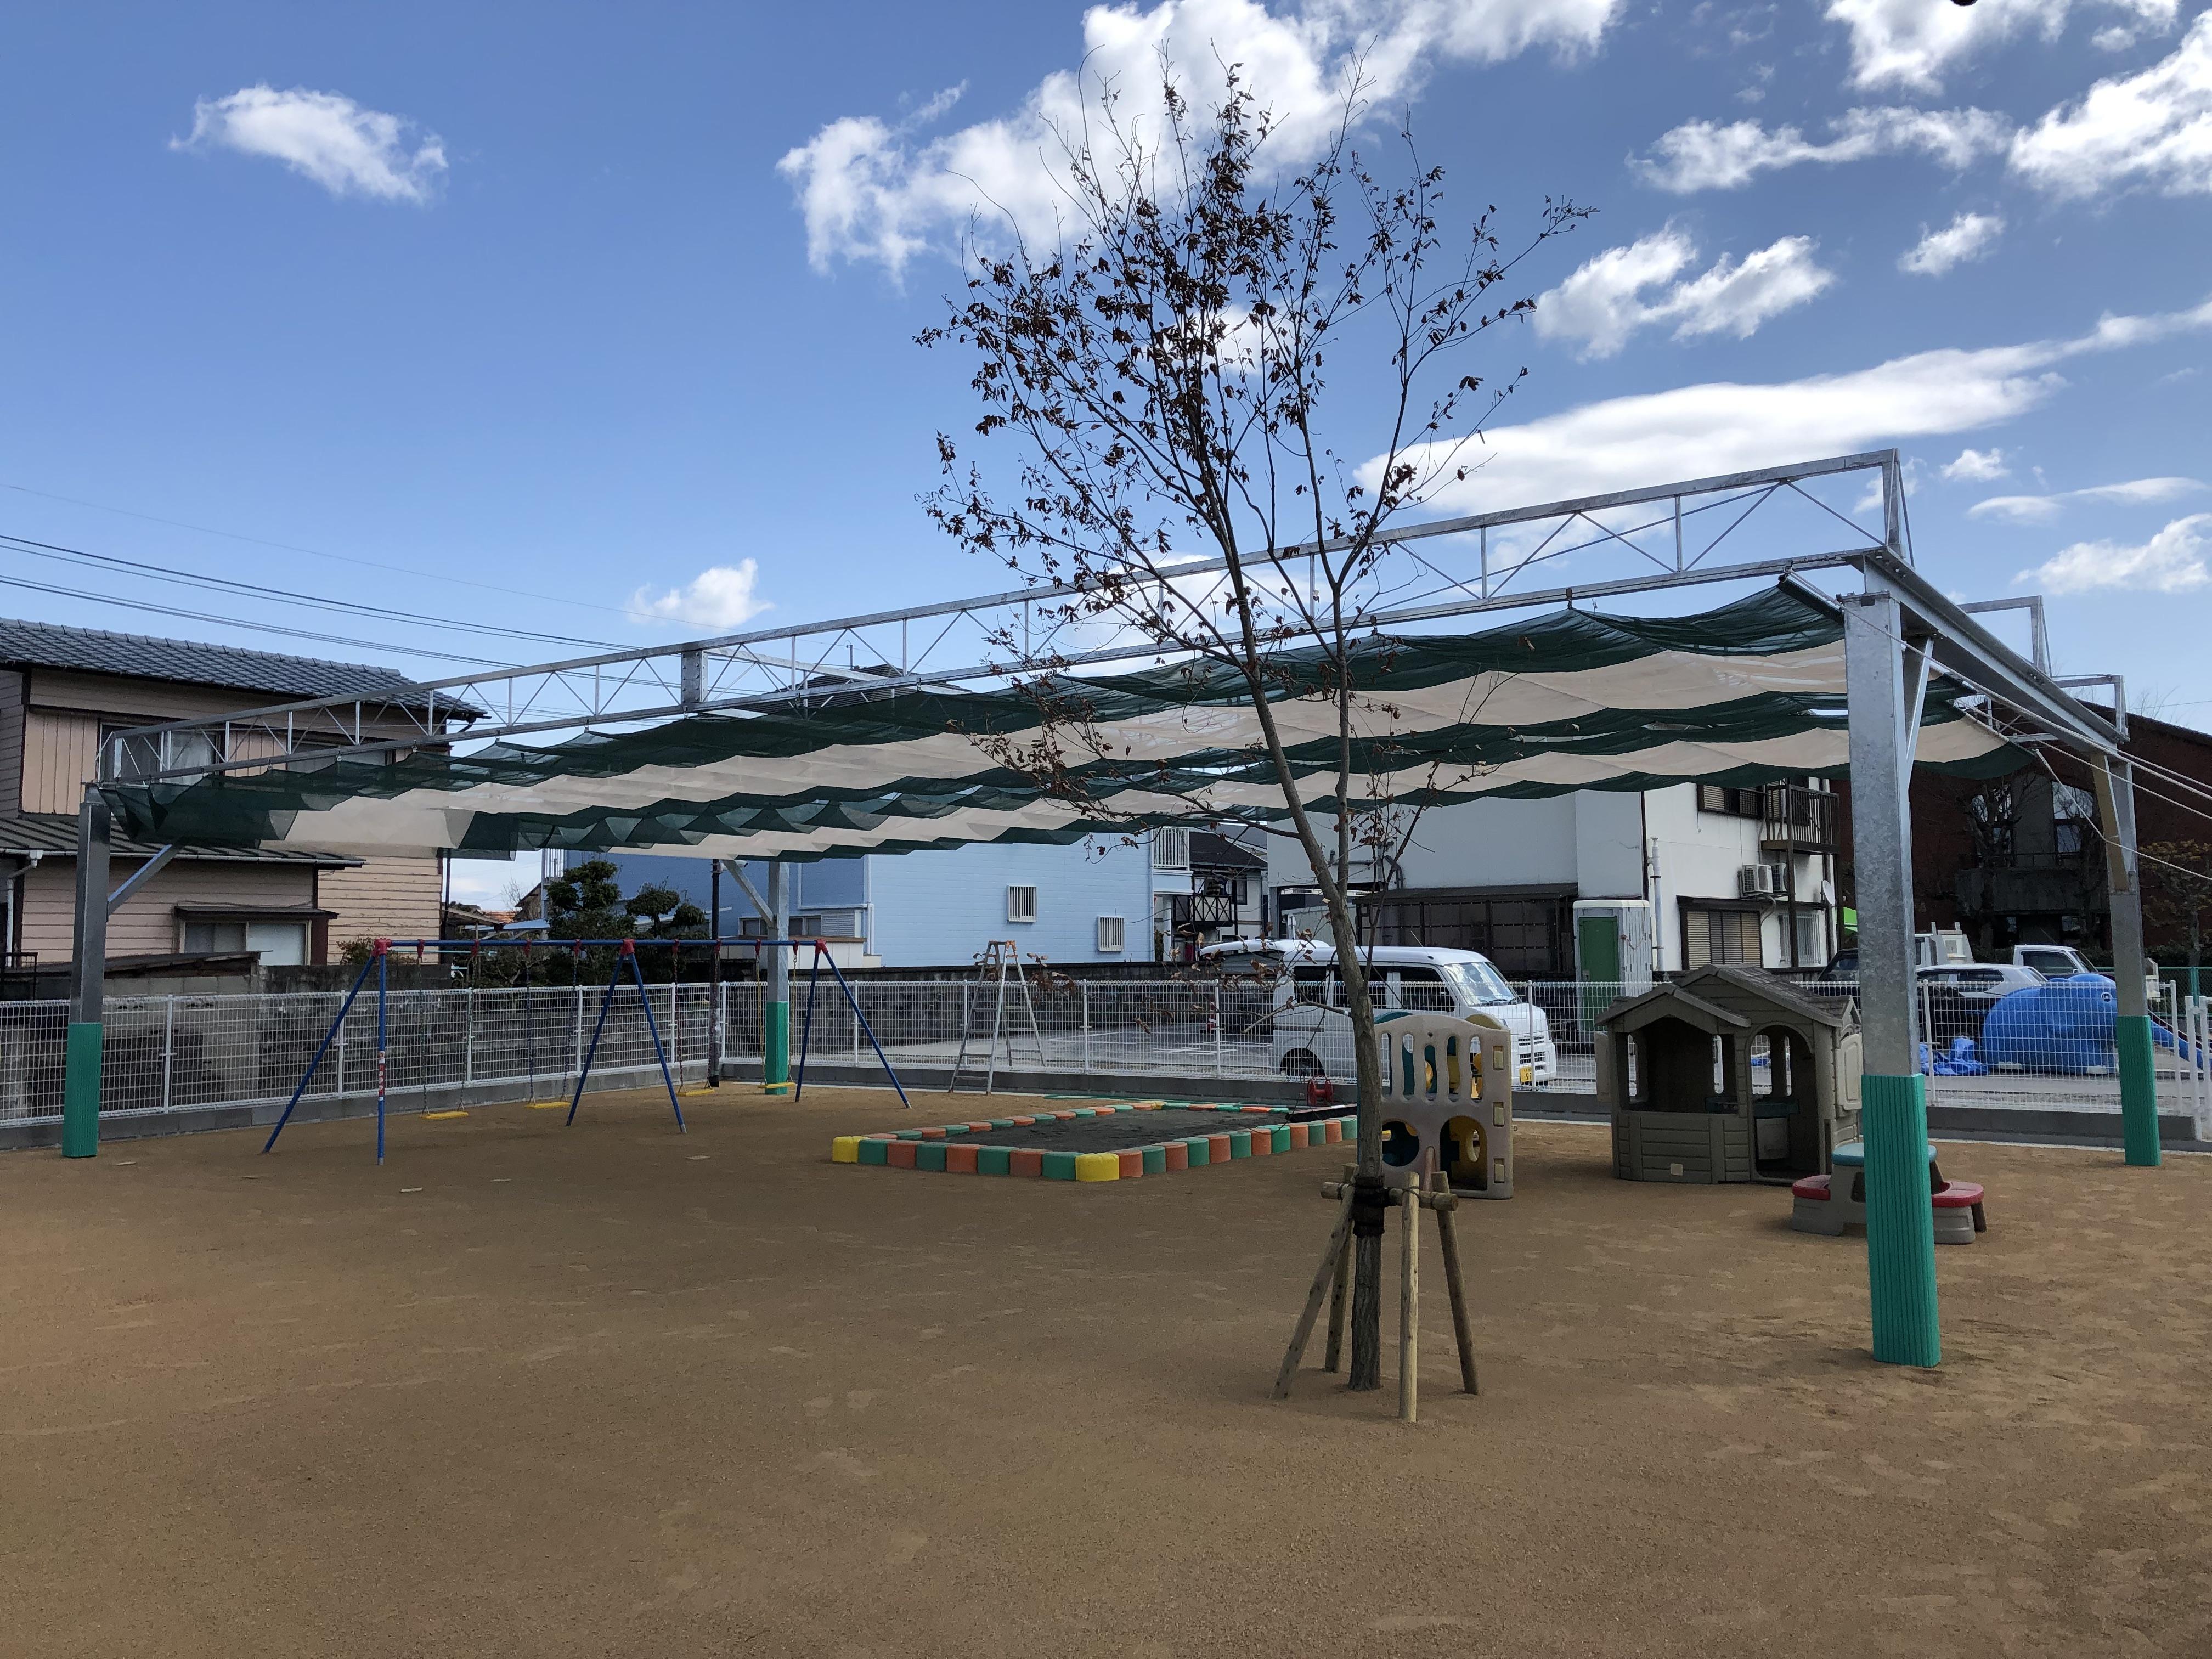 大分県佐伯市 みなみ保育園様 開閉式日除け天幕(テント)を施工させていただきました。